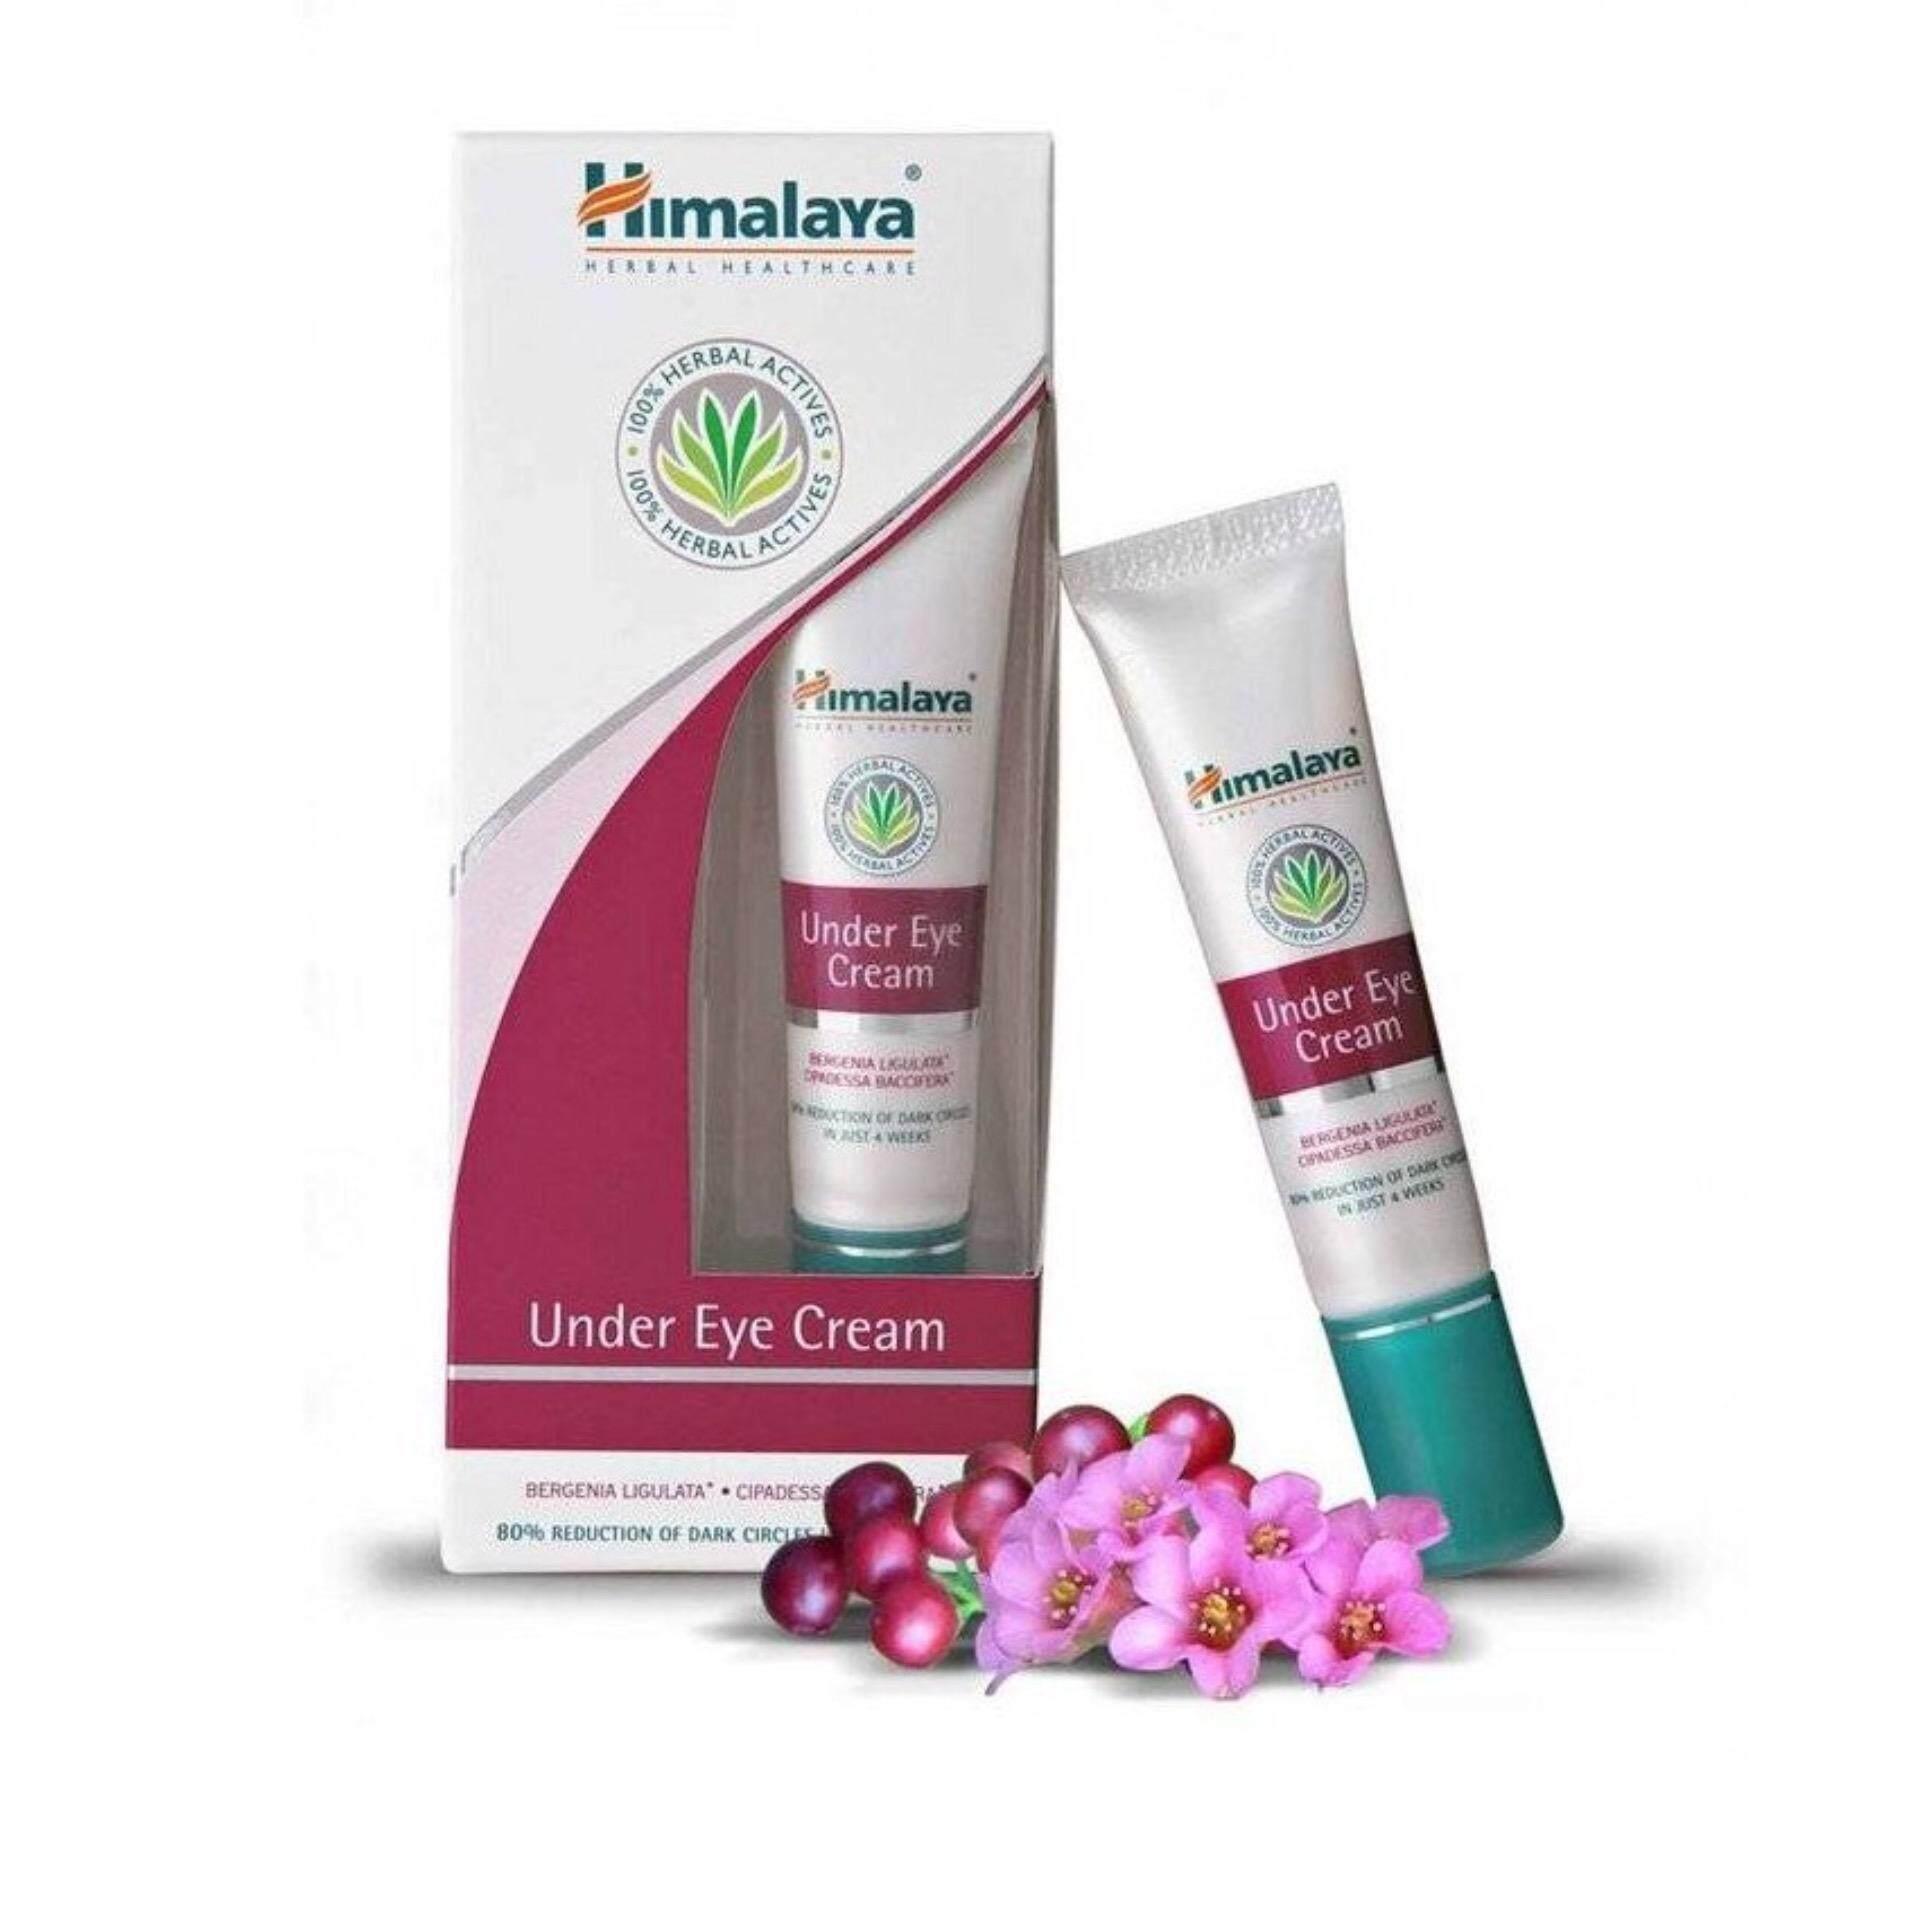 Himalaya Herbals Under Eye Cream ครีมบำรุงใต้ตา ป้องกันริ้วรอยและลดความหมองคล้ำใต้ตา ขนาด 15 ml.